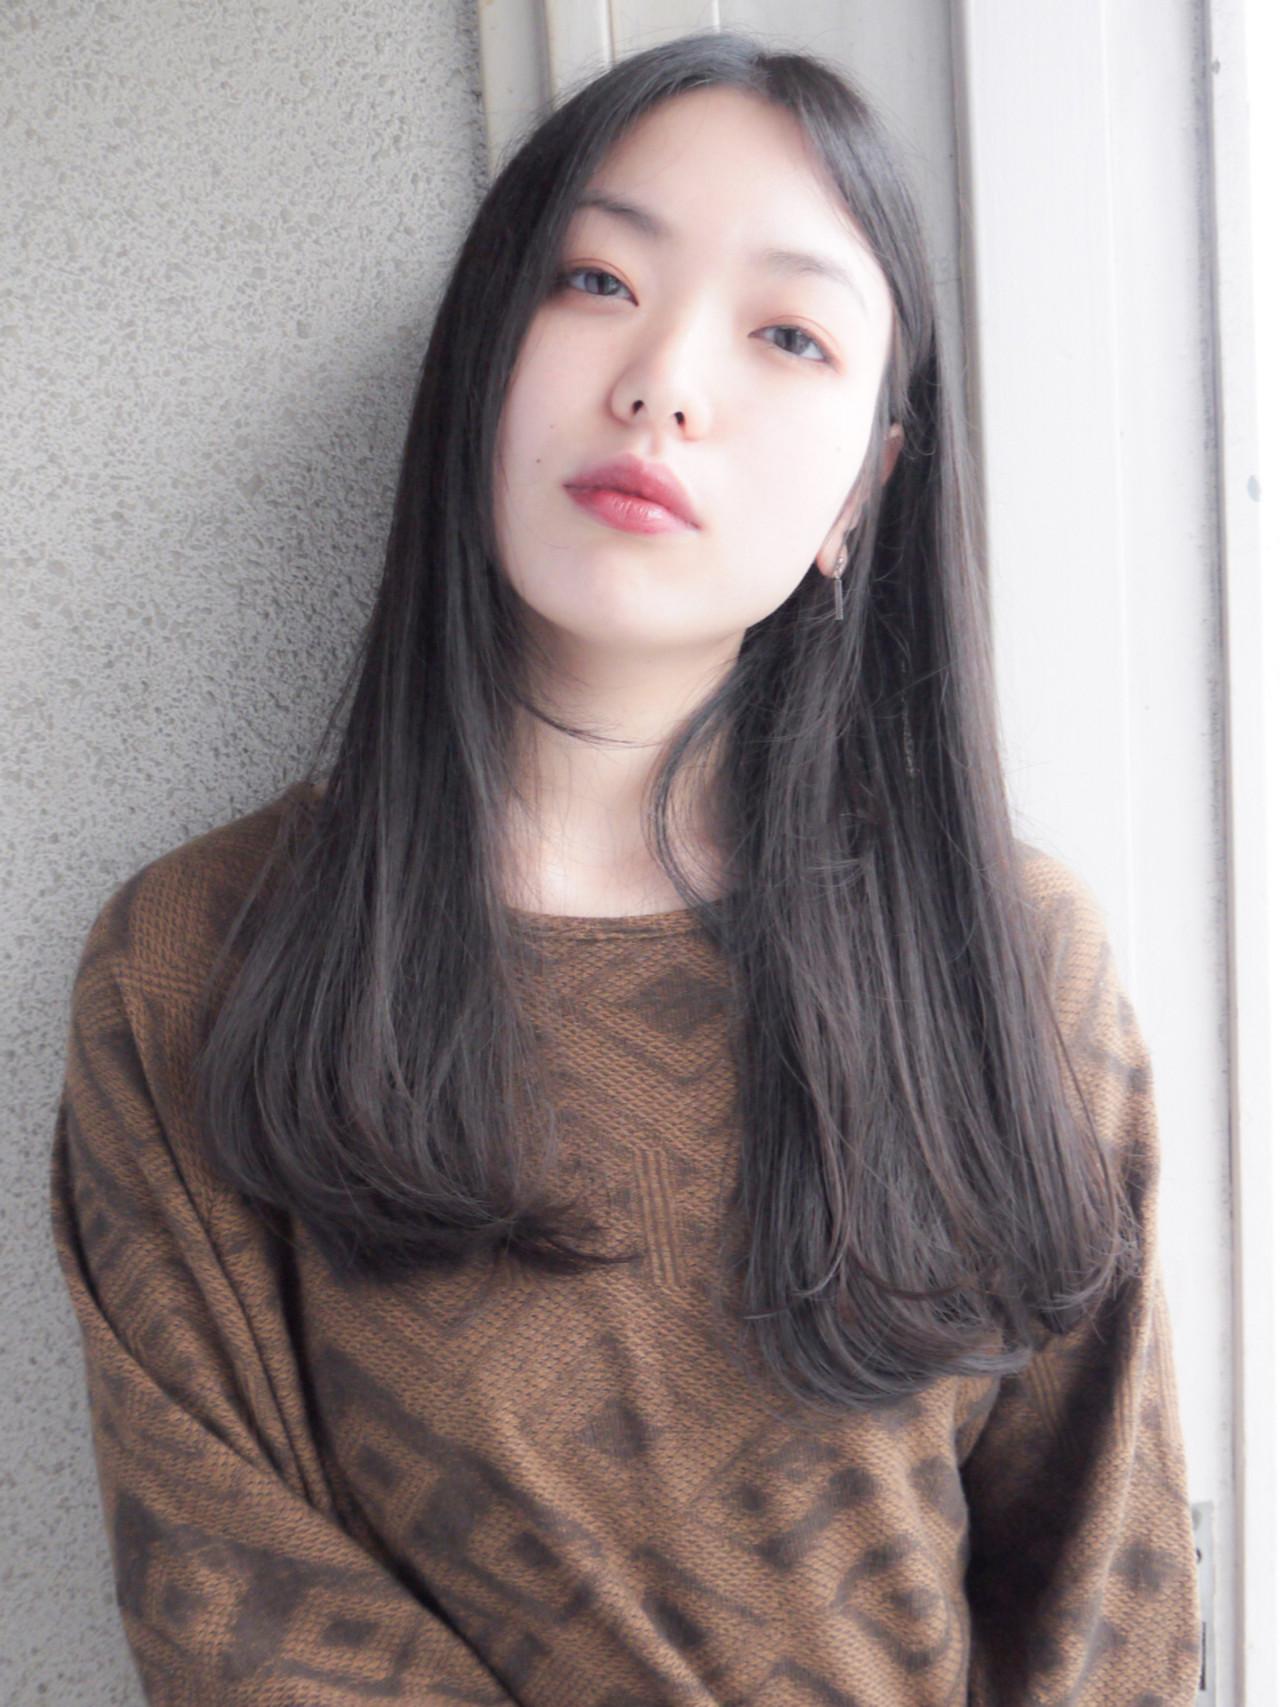 グレージュ ナチュラル 暗髪 オフィス ヘアスタイルや髪型の写真・画像 | HIROKI / roijir / roijir